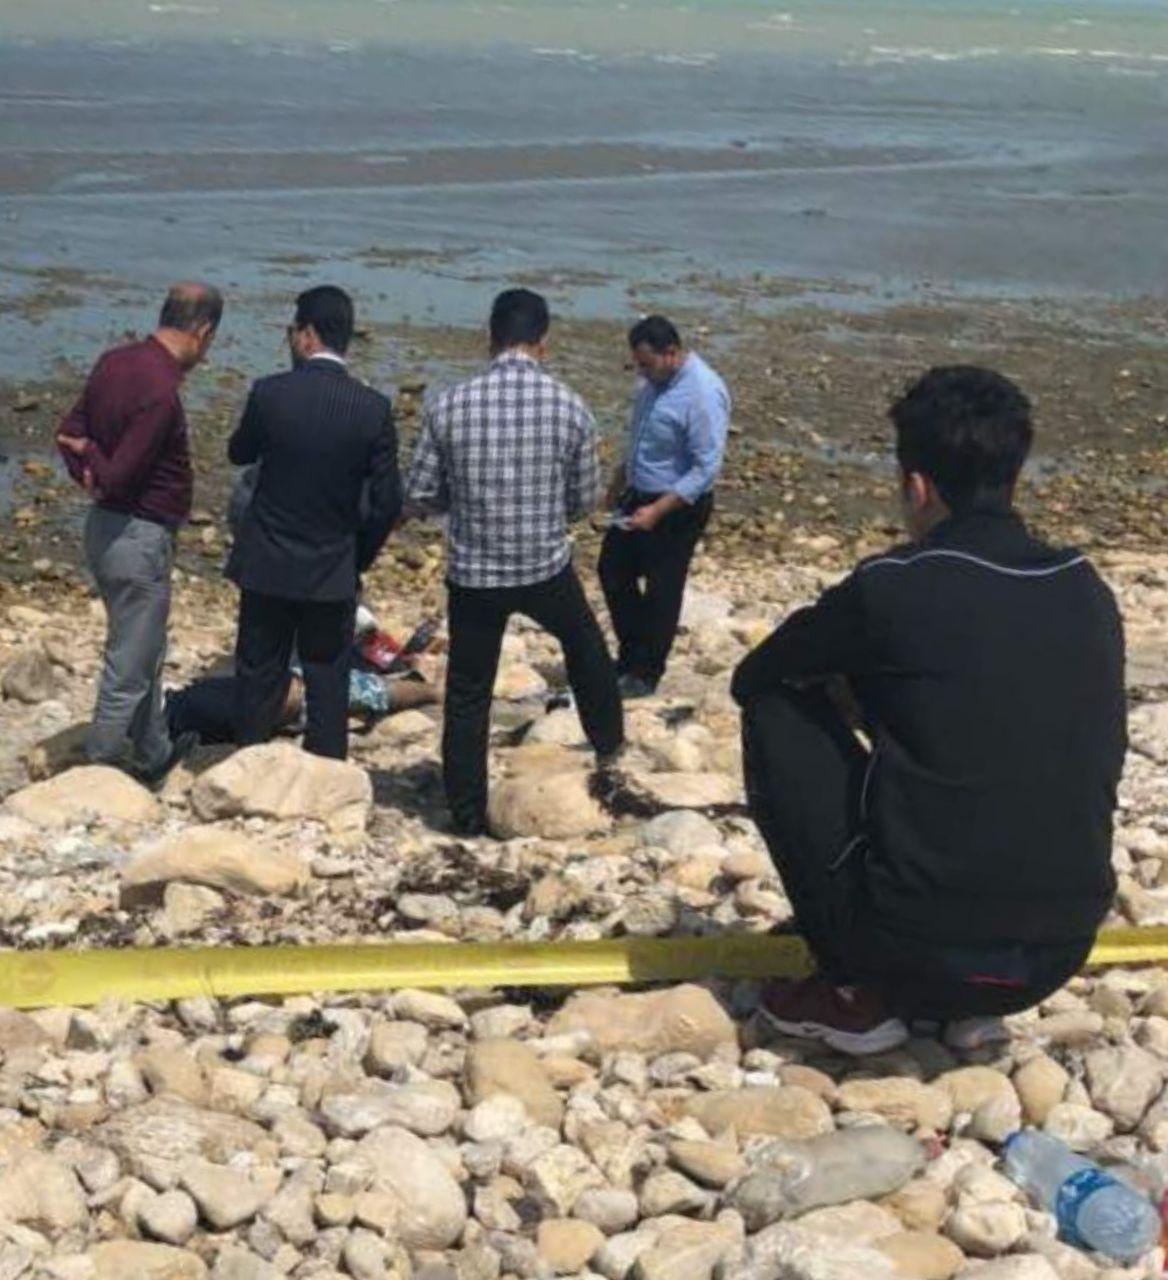 پیدا شدن جنازه در ساحل بوشهر + عکس